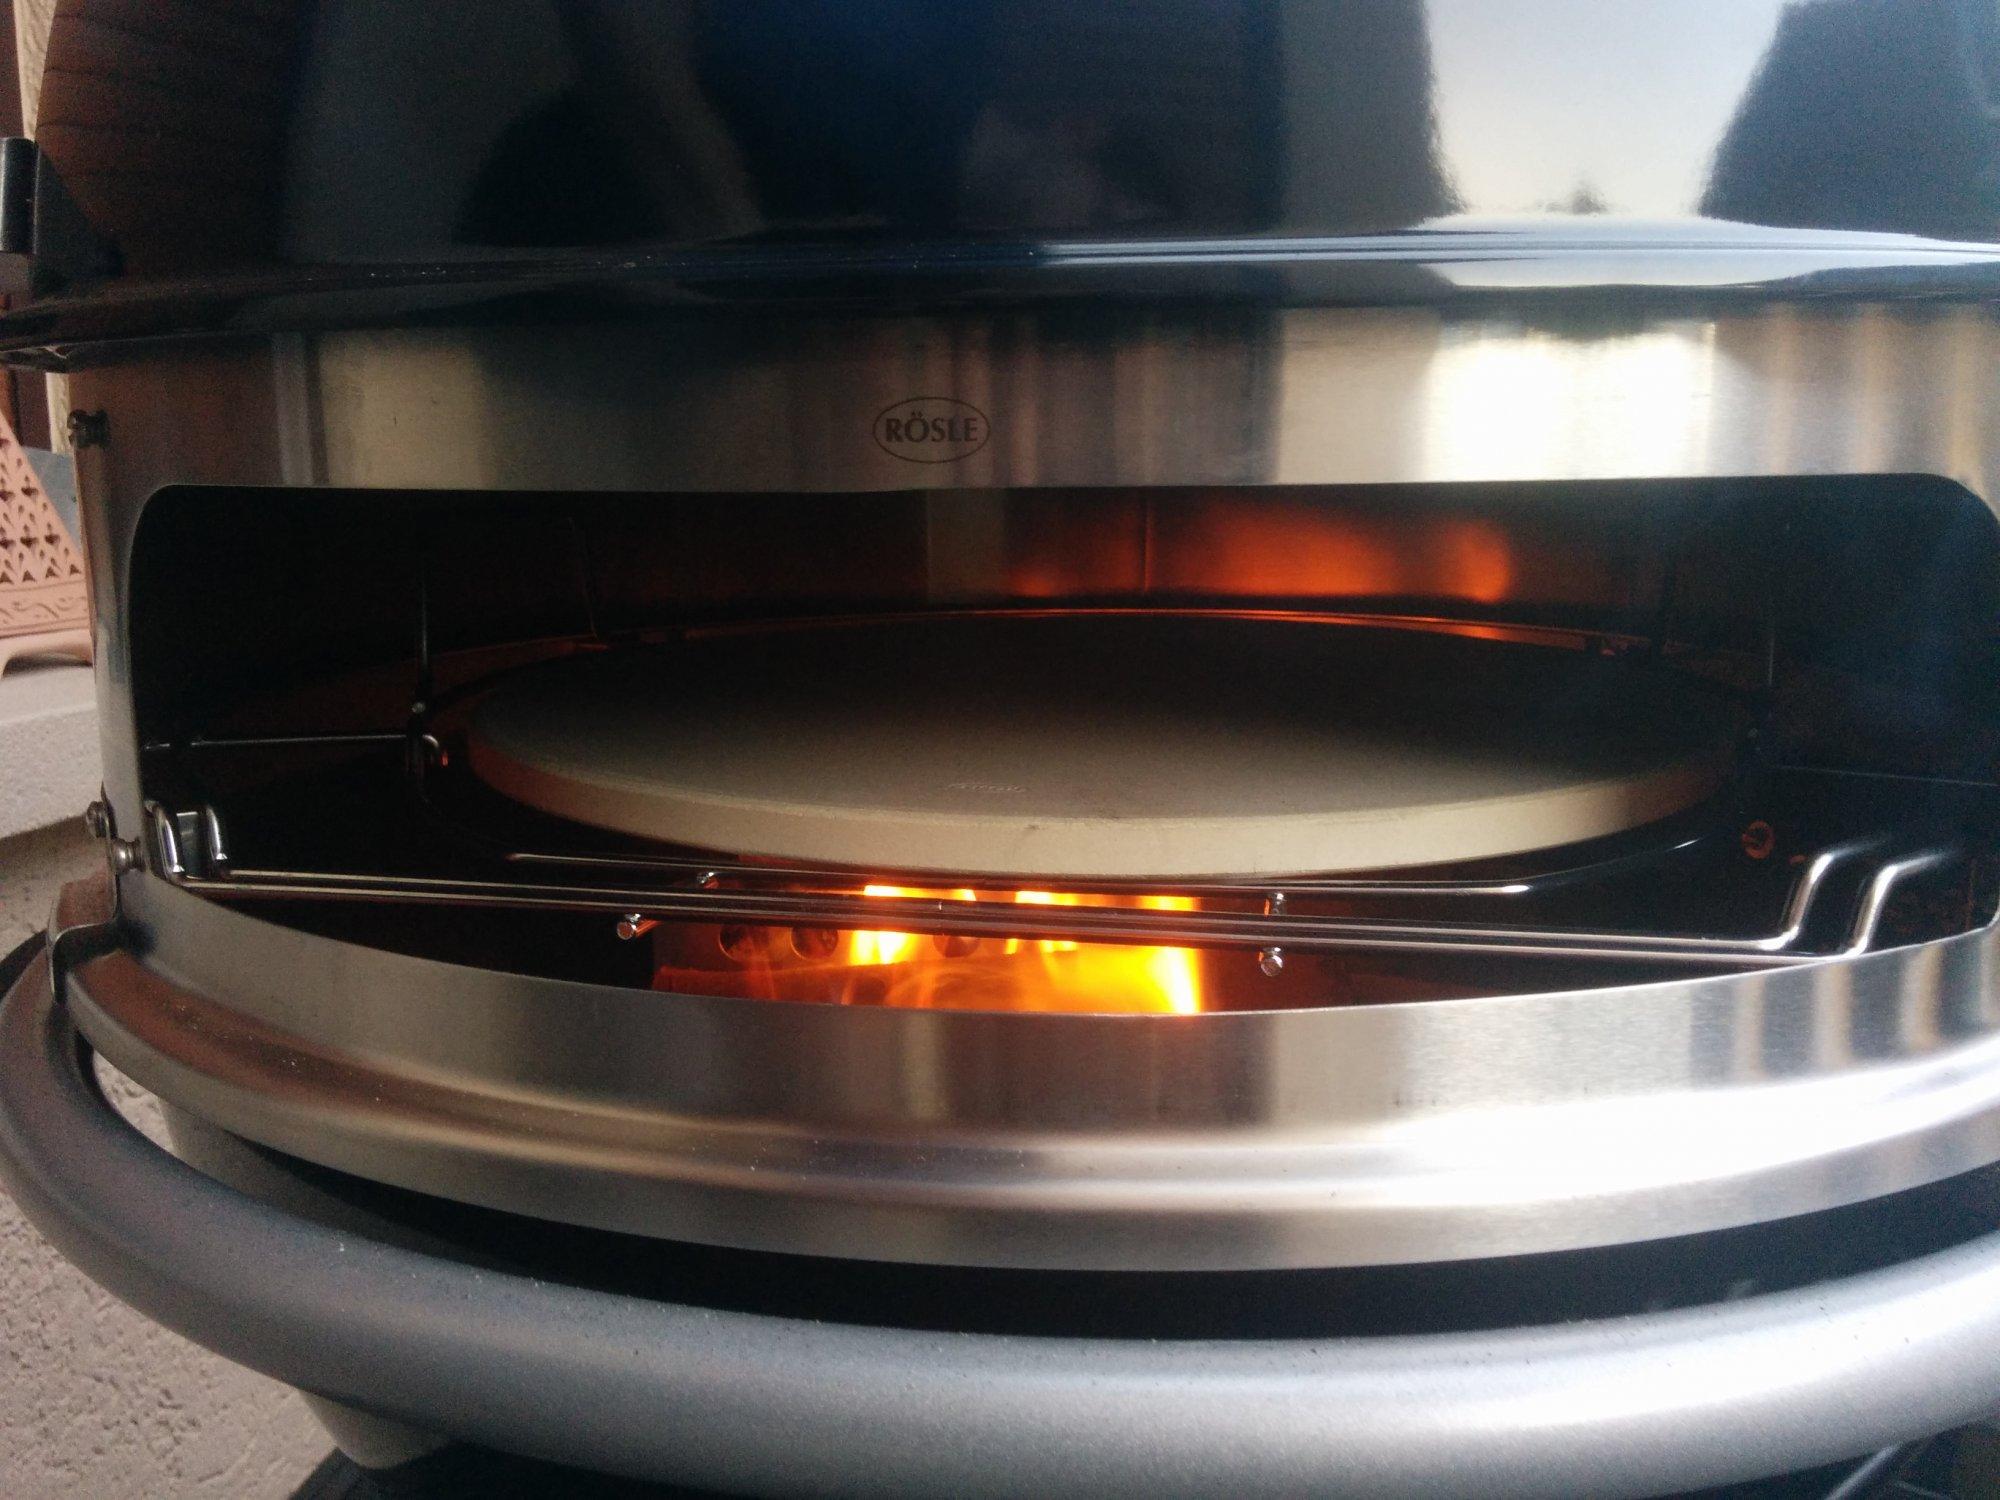 Rösle Gourmetring zum Pizza backen und grillen mit Drehspieß für 60 cm Kugelgrills